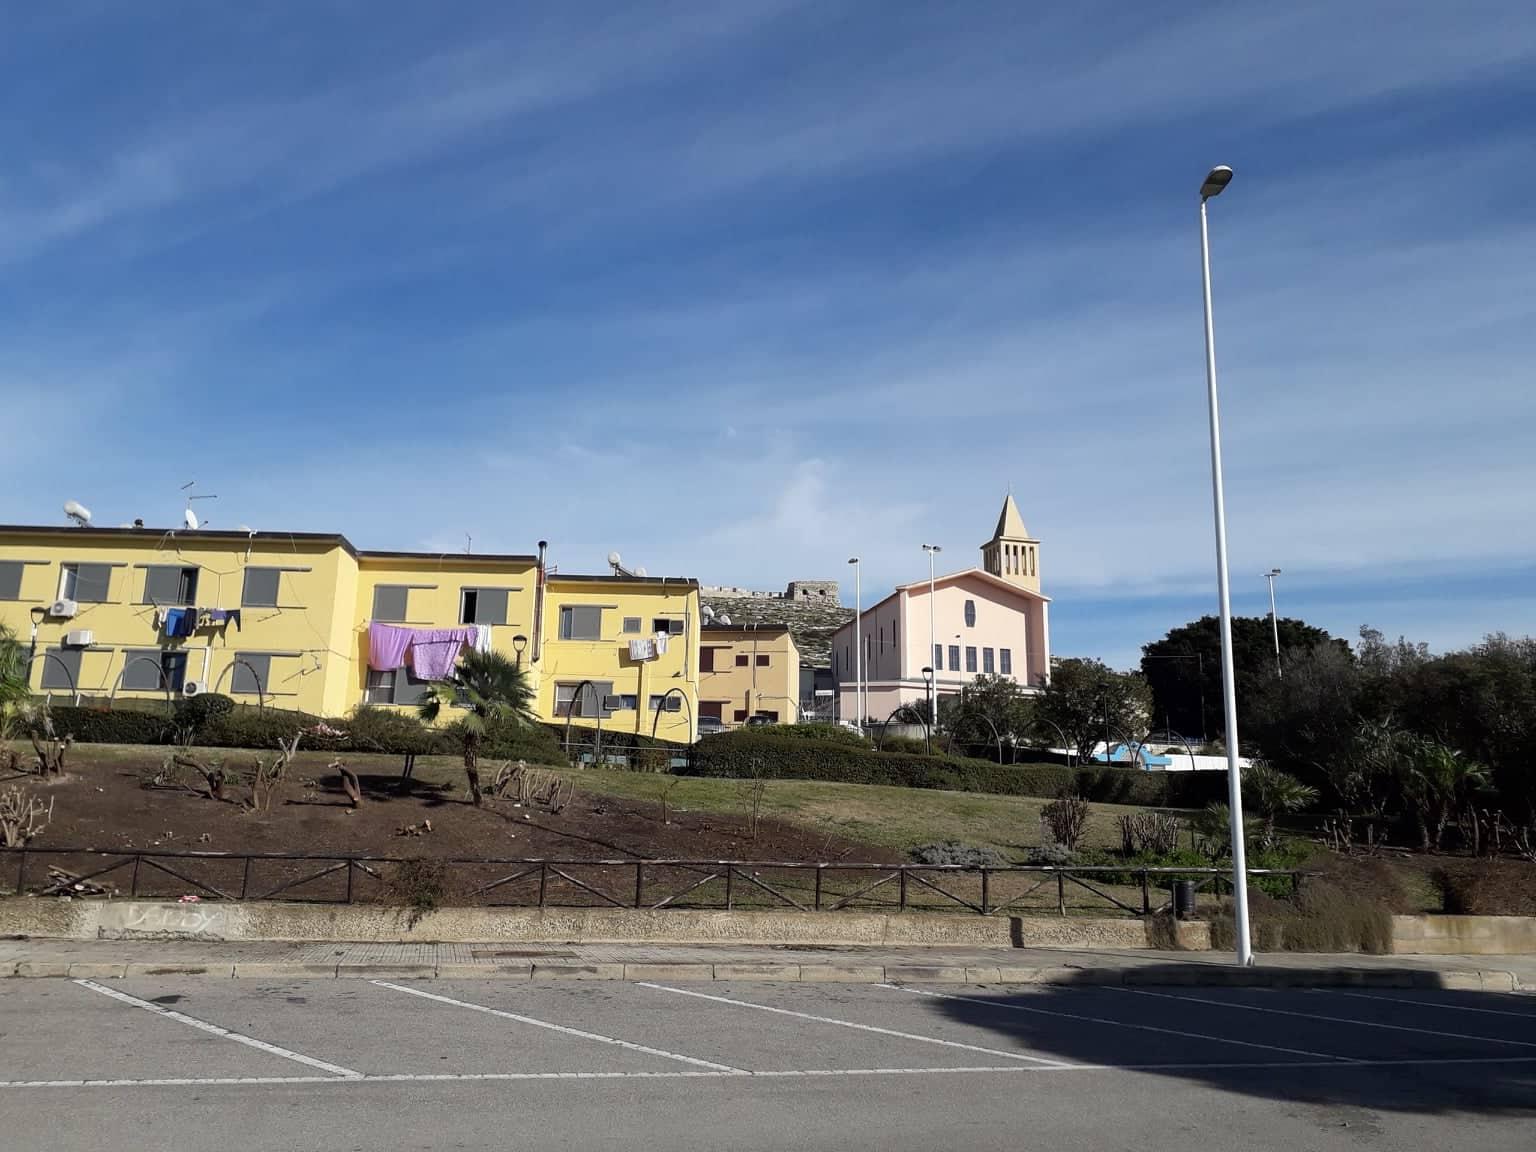 La parte vecchia di Sant'Elia. Sullo sfondo, la chiesa e il fortino di Sant'Ignazio